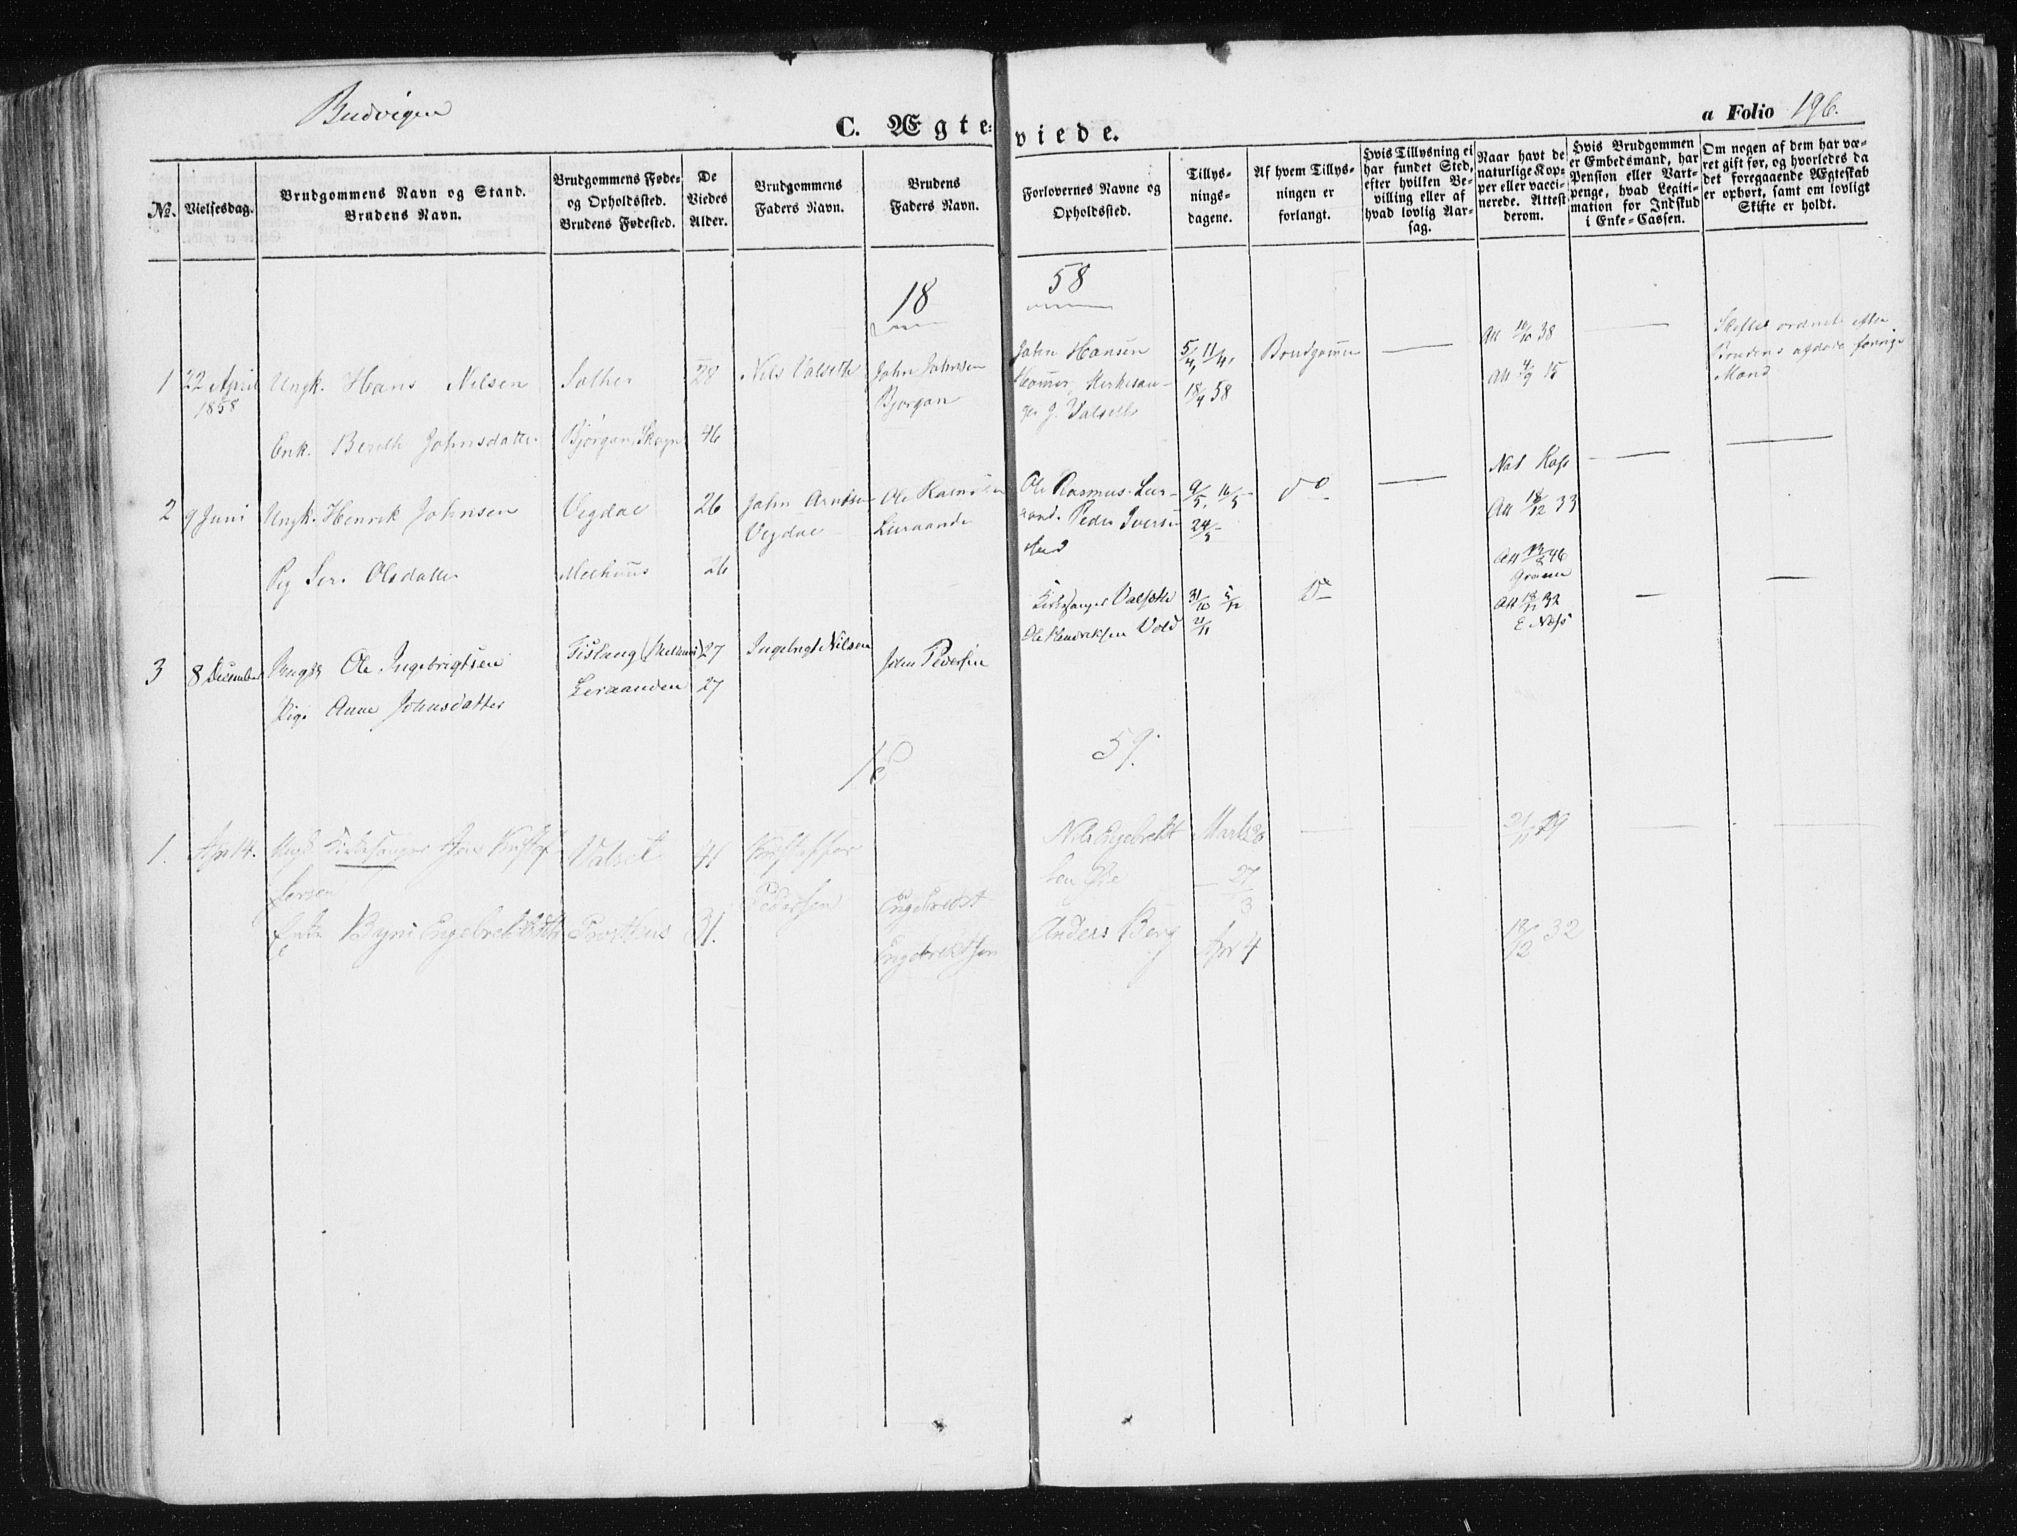 SAT, Ministerialprotokoller, klokkerbøker og fødselsregistre - Sør-Trøndelag, 612/L0376: Ministerialbok nr. 612A08, 1846-1859, s. 196